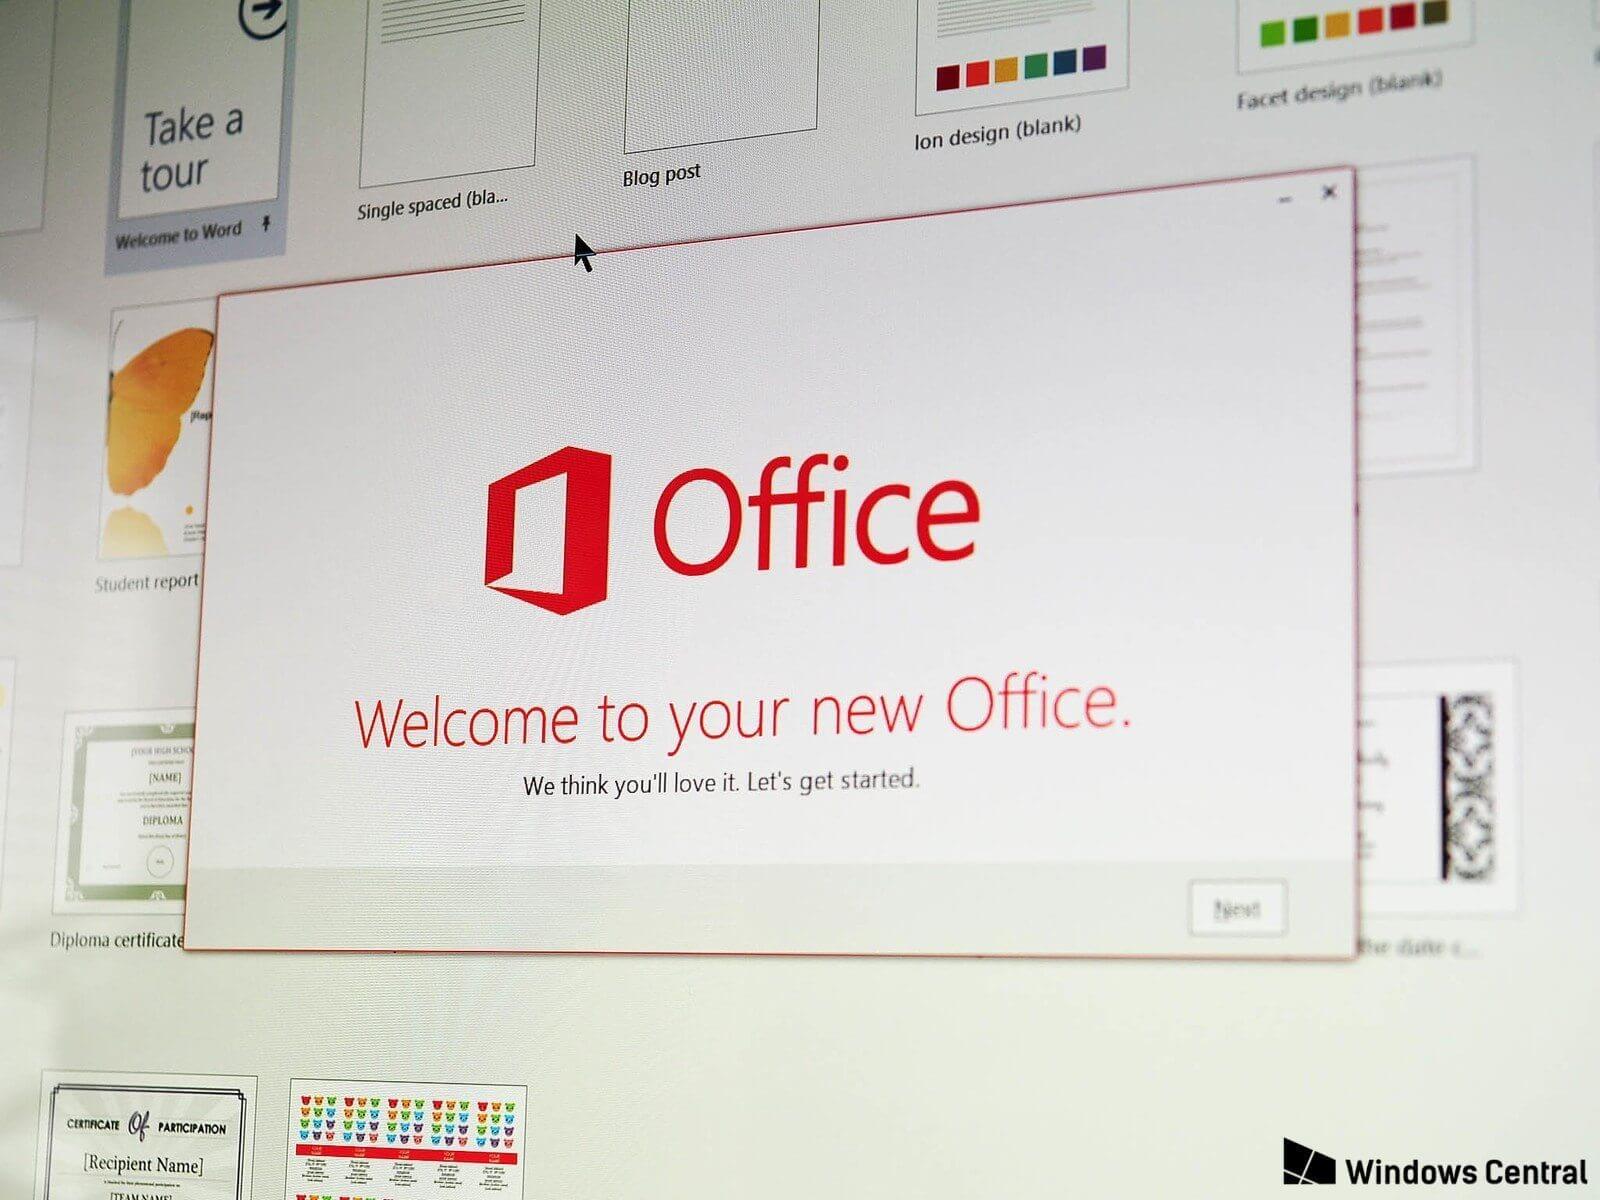 Microsoft anuncia lançamento do novo Office 2019 para 2018